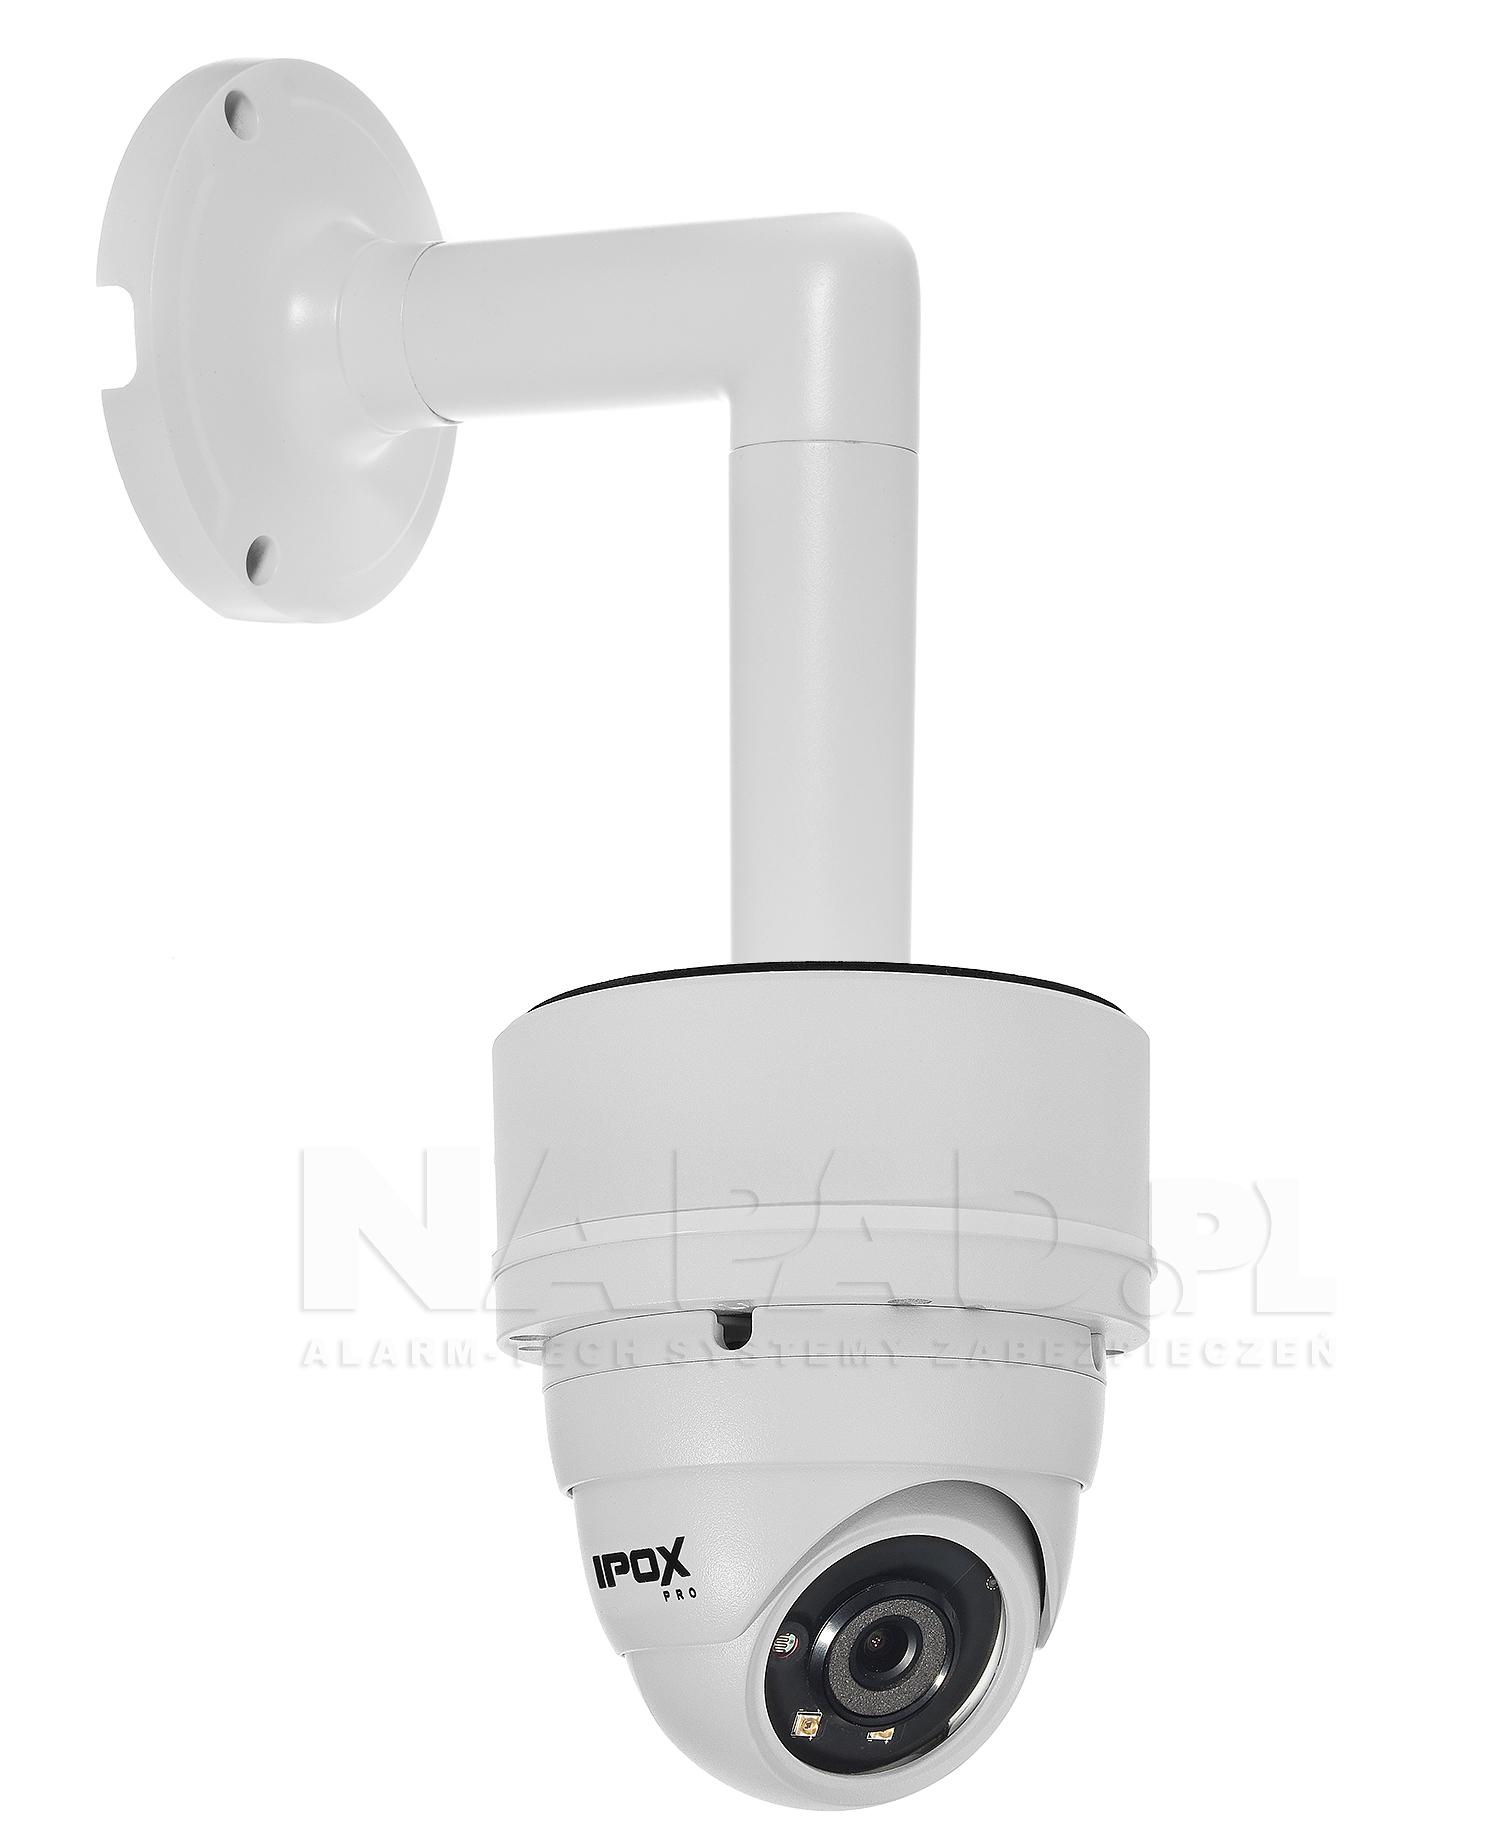 JB-405 - Przykładowa instalacja kamery kopułkowej, podstawy i uchwytu ściennego.